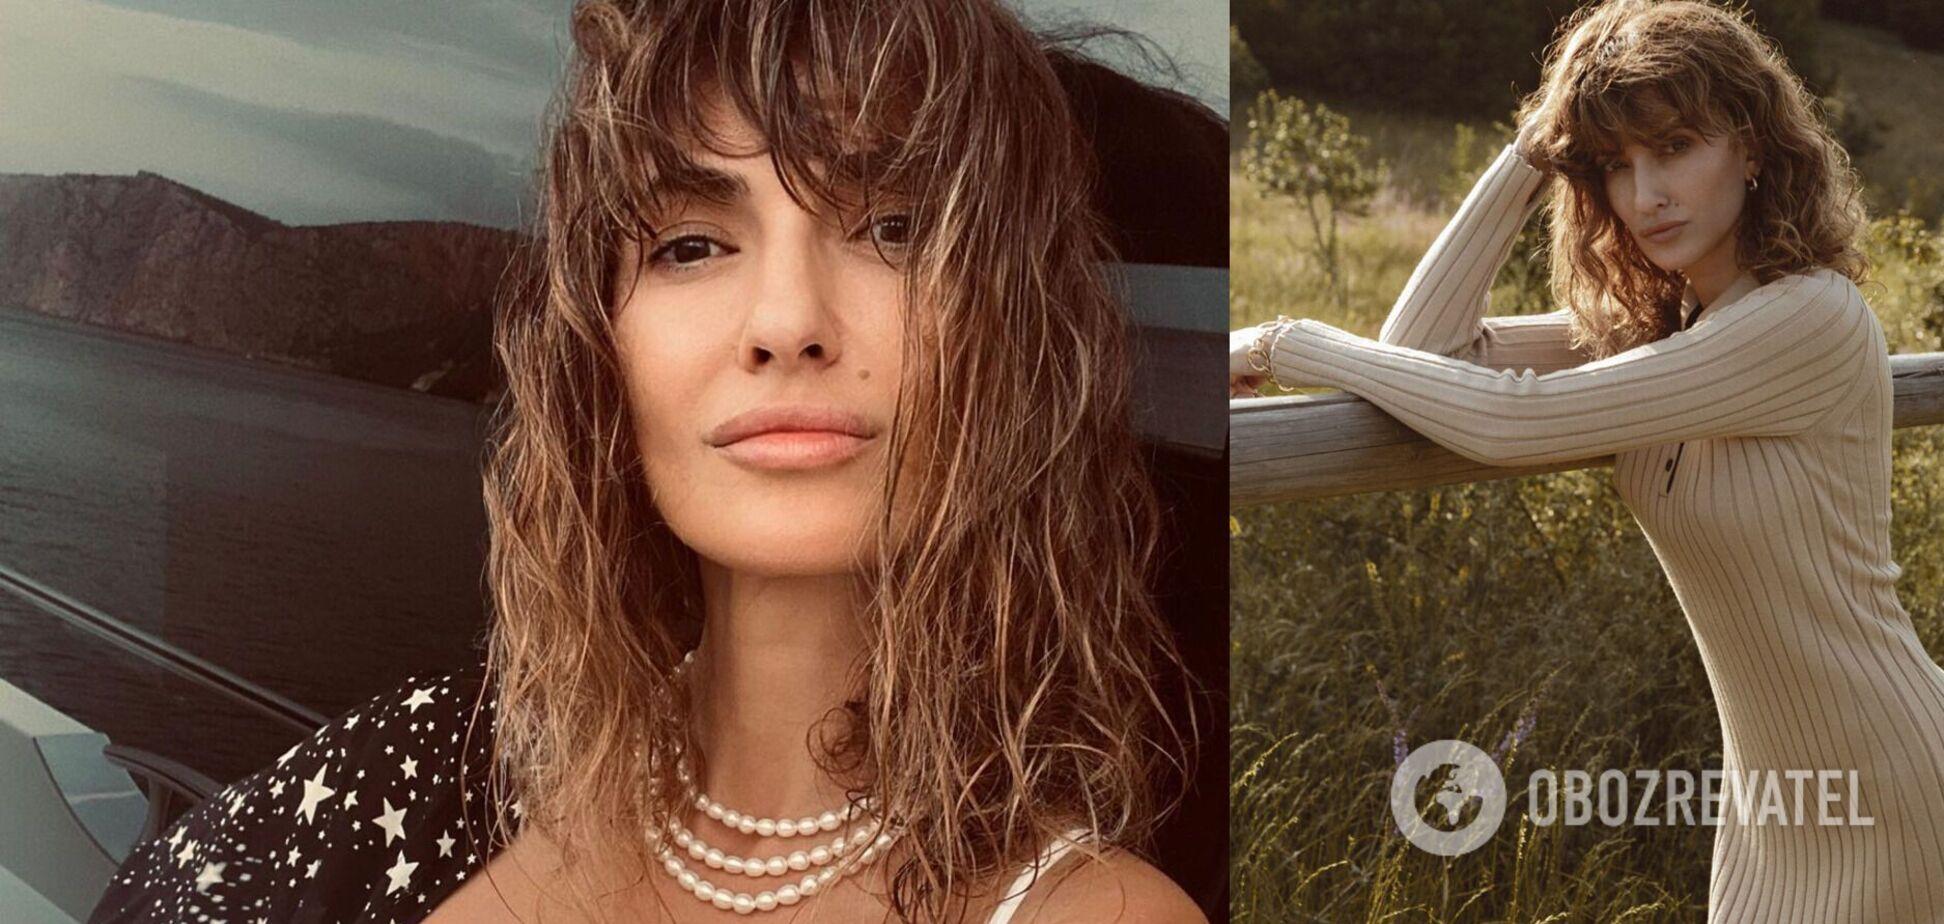 Скандал с украинским Vogue: россиянка с бизнесом в Крыму засветилась на страницах журнала